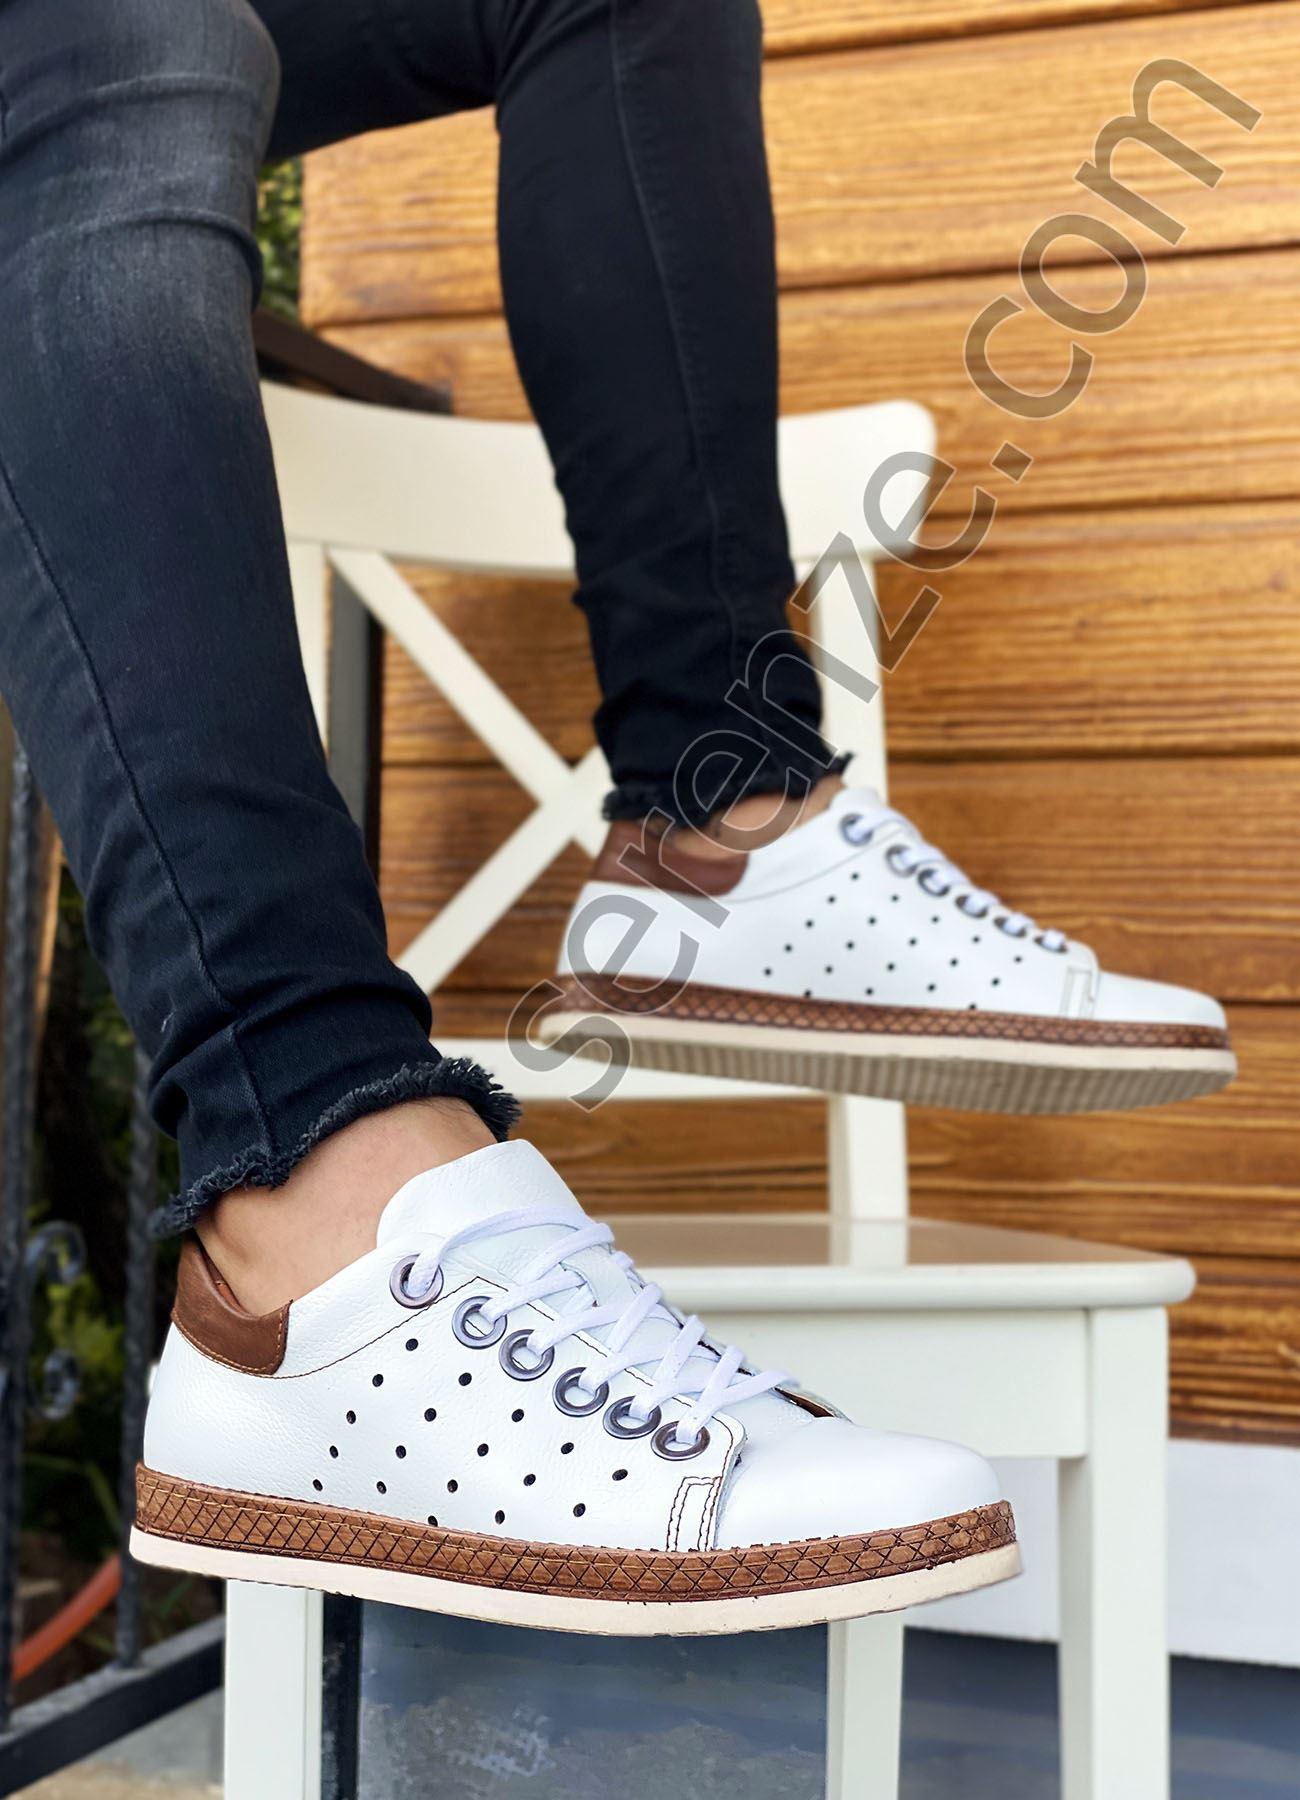 Beyaz Taba Hakiki Deri Delikli Erkek Spor Ayakkabı